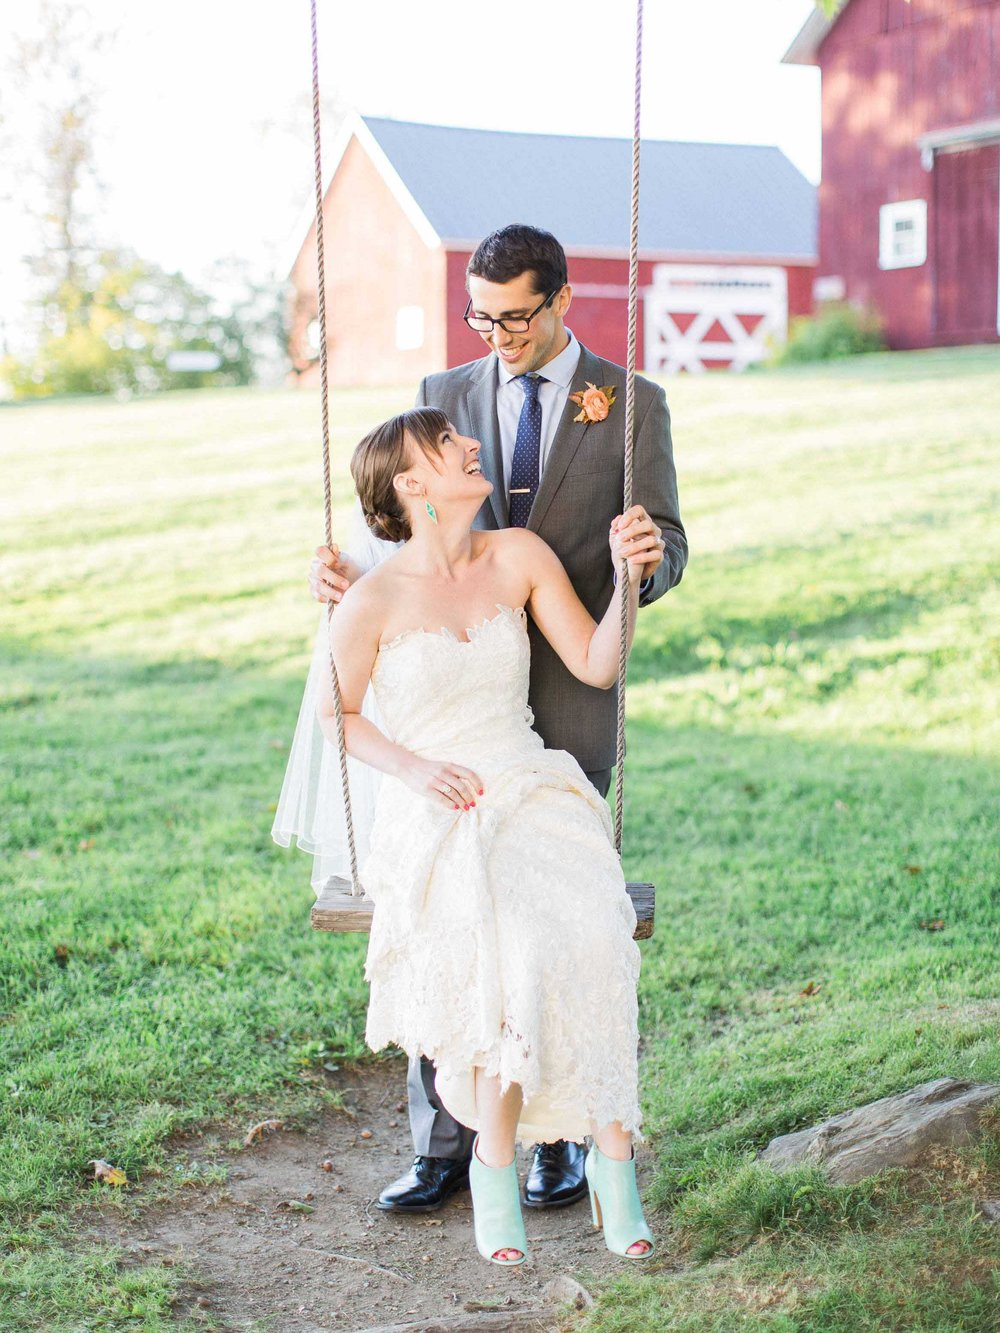 Annie & Drew - East Burke, Vermont